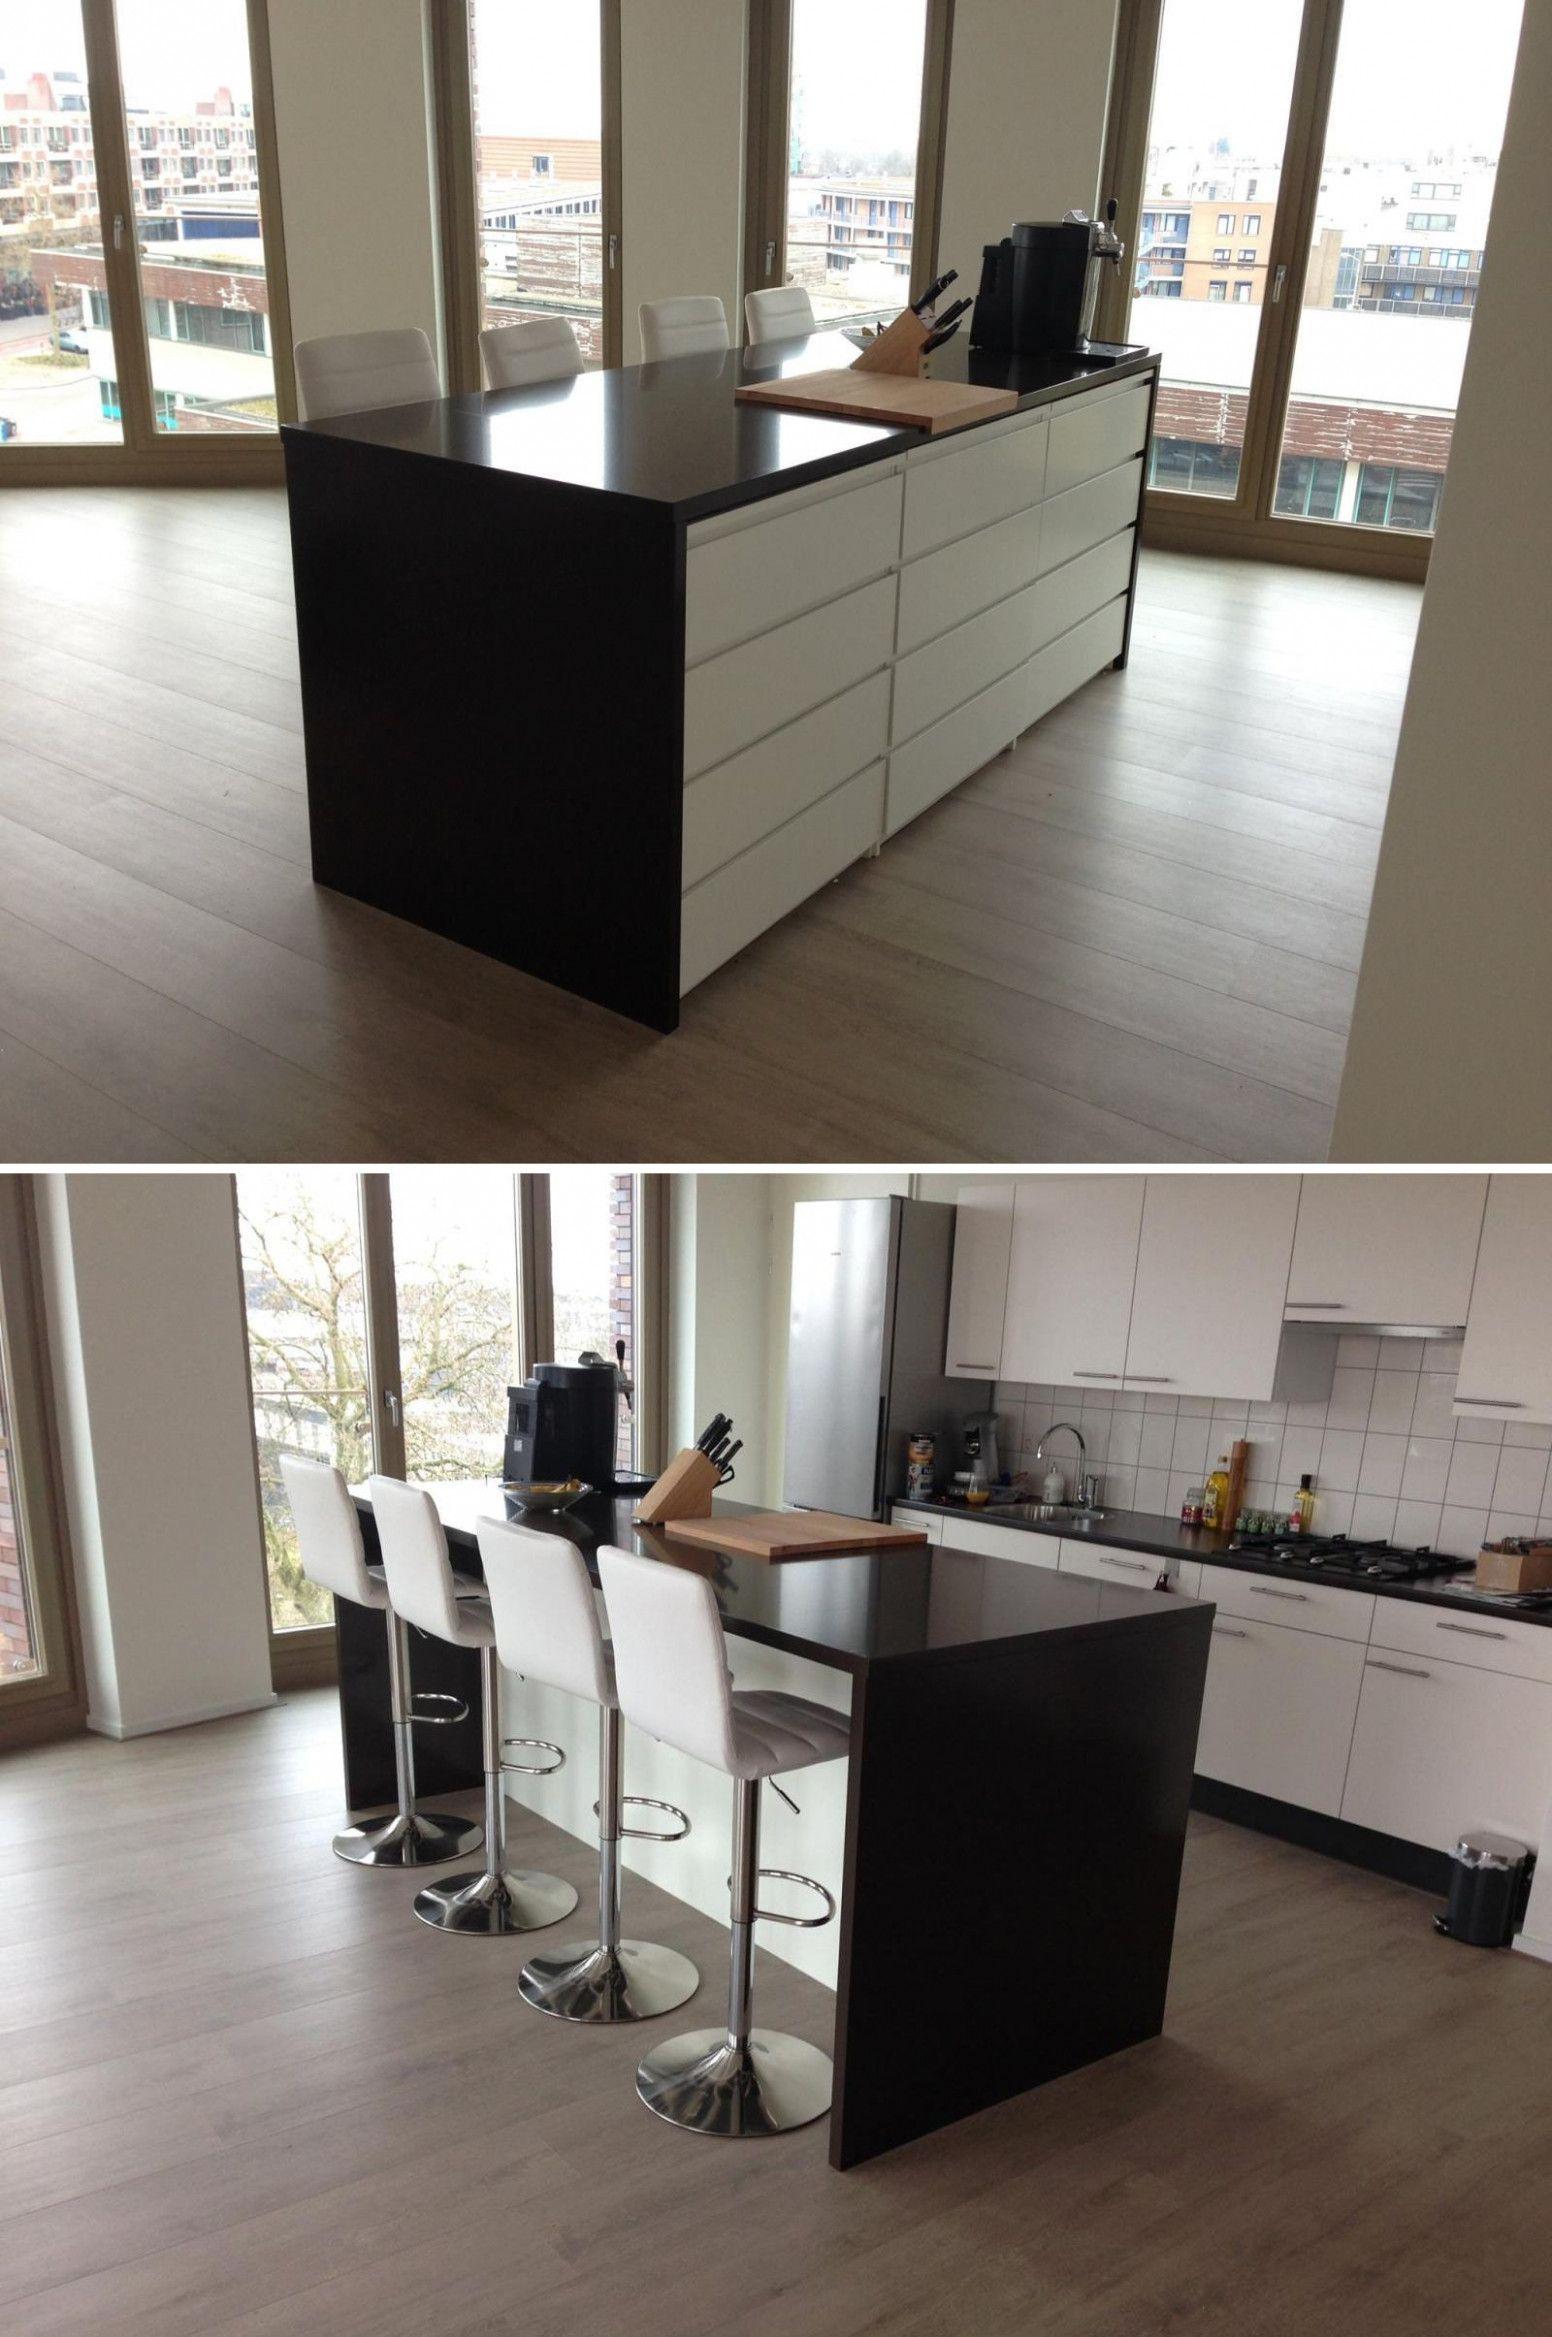 Full Size of Kücheninseln Ikea Kcheninsel Hack In 2020 Küche Kaufen Betten 160x200 Miniküche Bei Kosten Modulküche Sofa Mit Schlaffunktion Wohnzimmer Kücheninseln Ikea